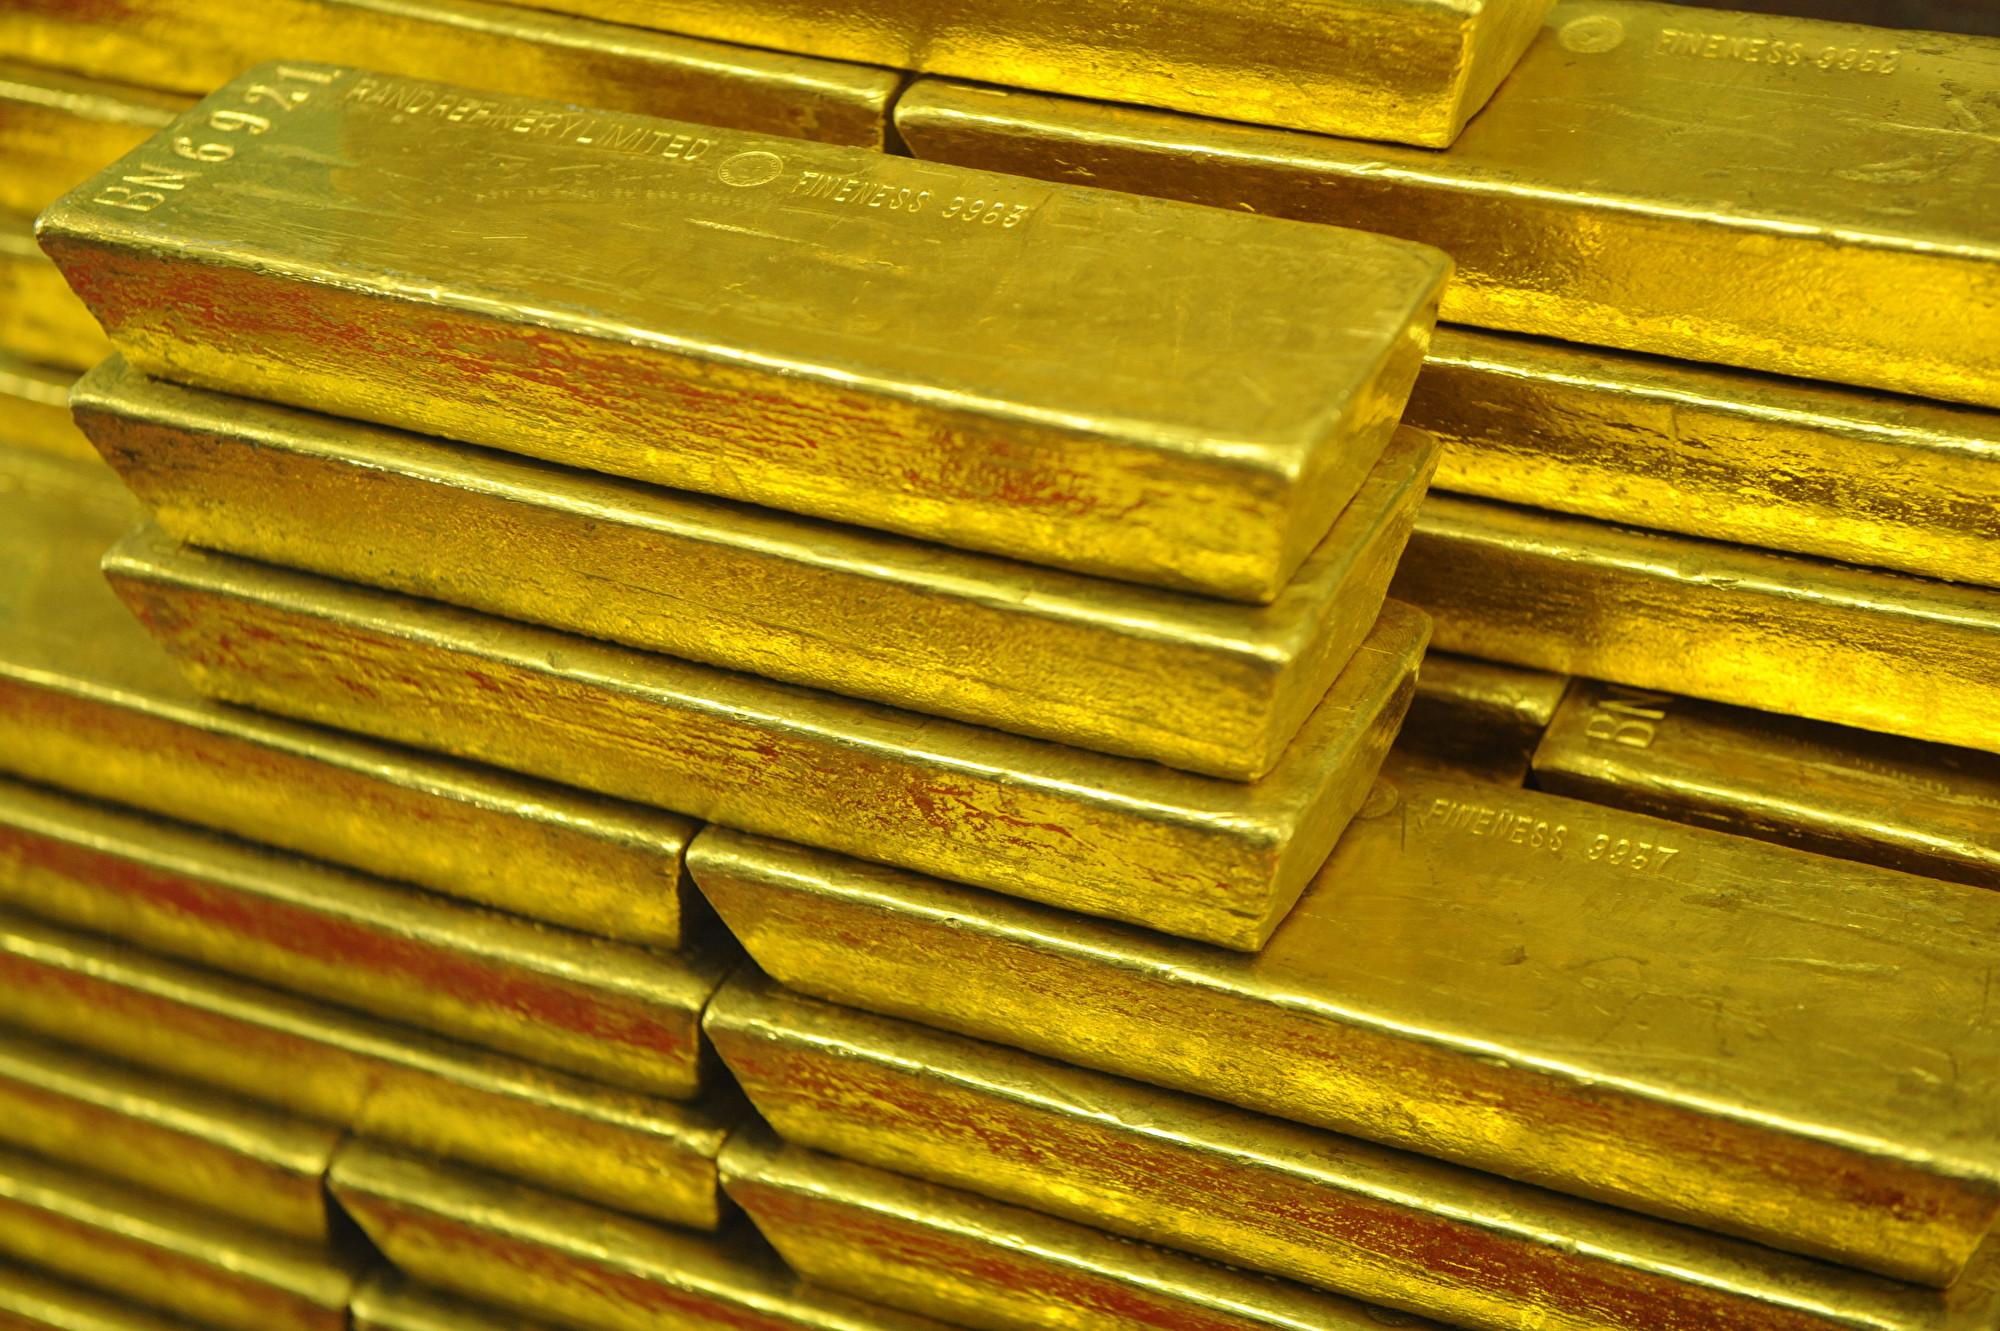 中美貿易戰延燒 黃金價格創6年來新高